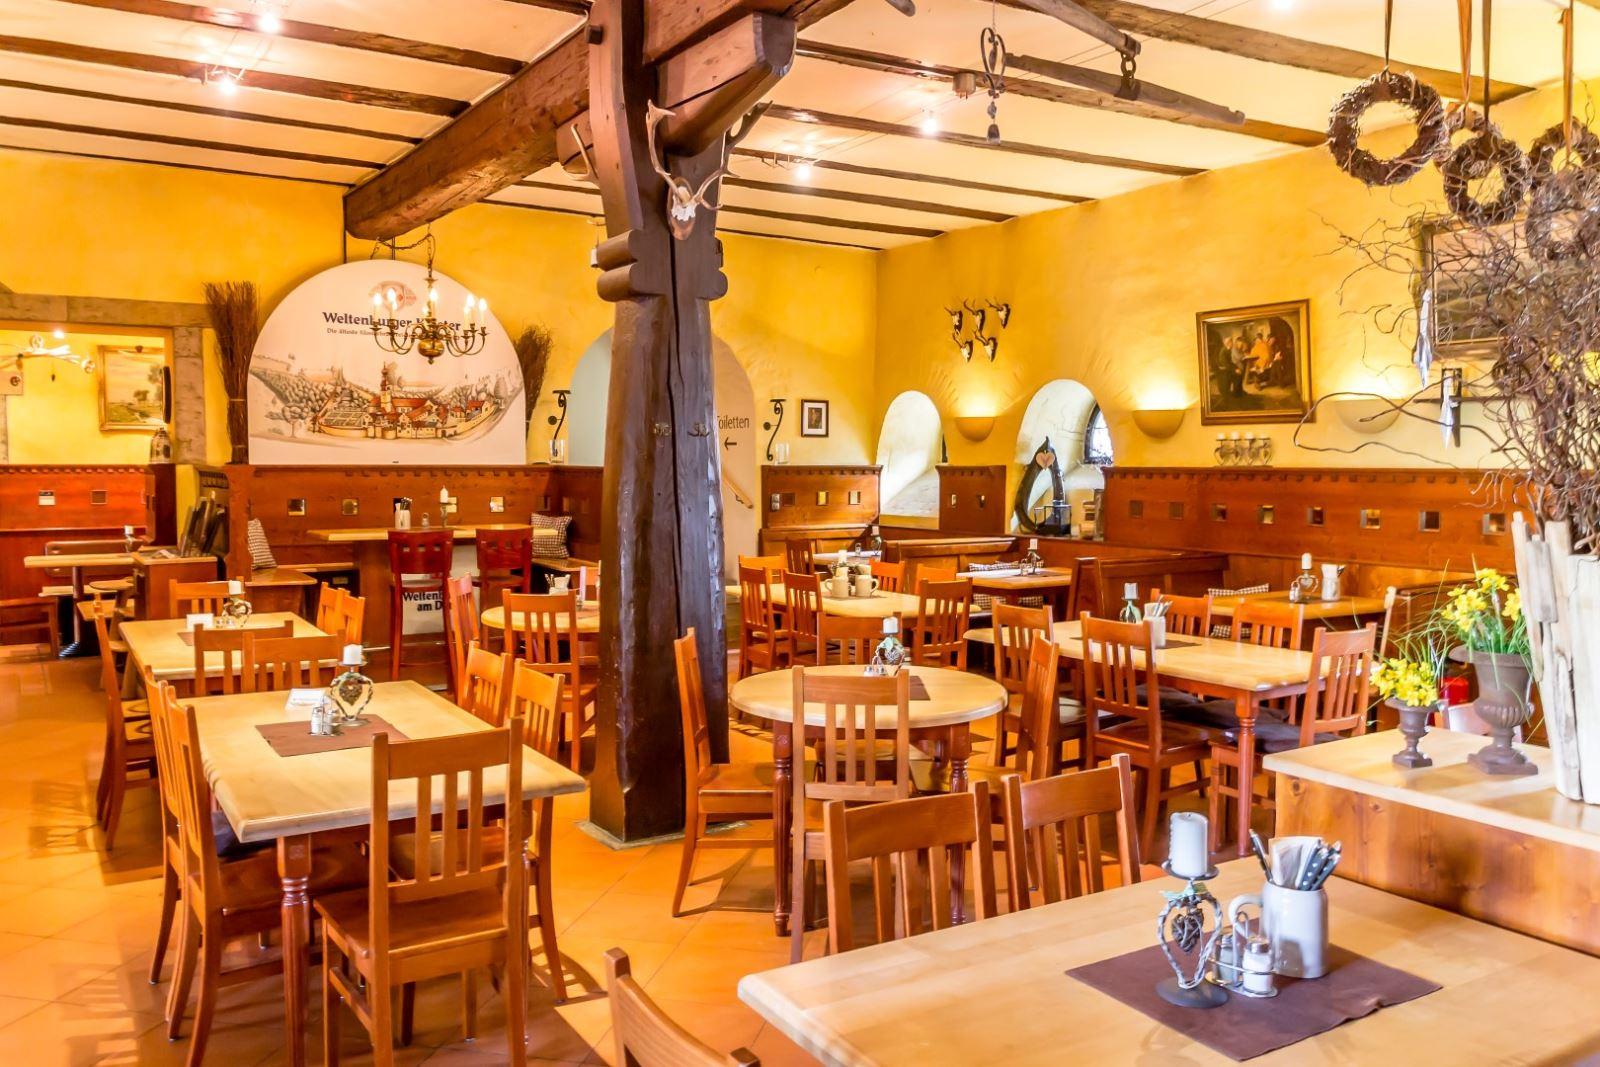 angebote bei weltenburger am dom restaurant regensburg restaurants regensburg. Black Bedroom Furniture Sets. Home Design Ideas